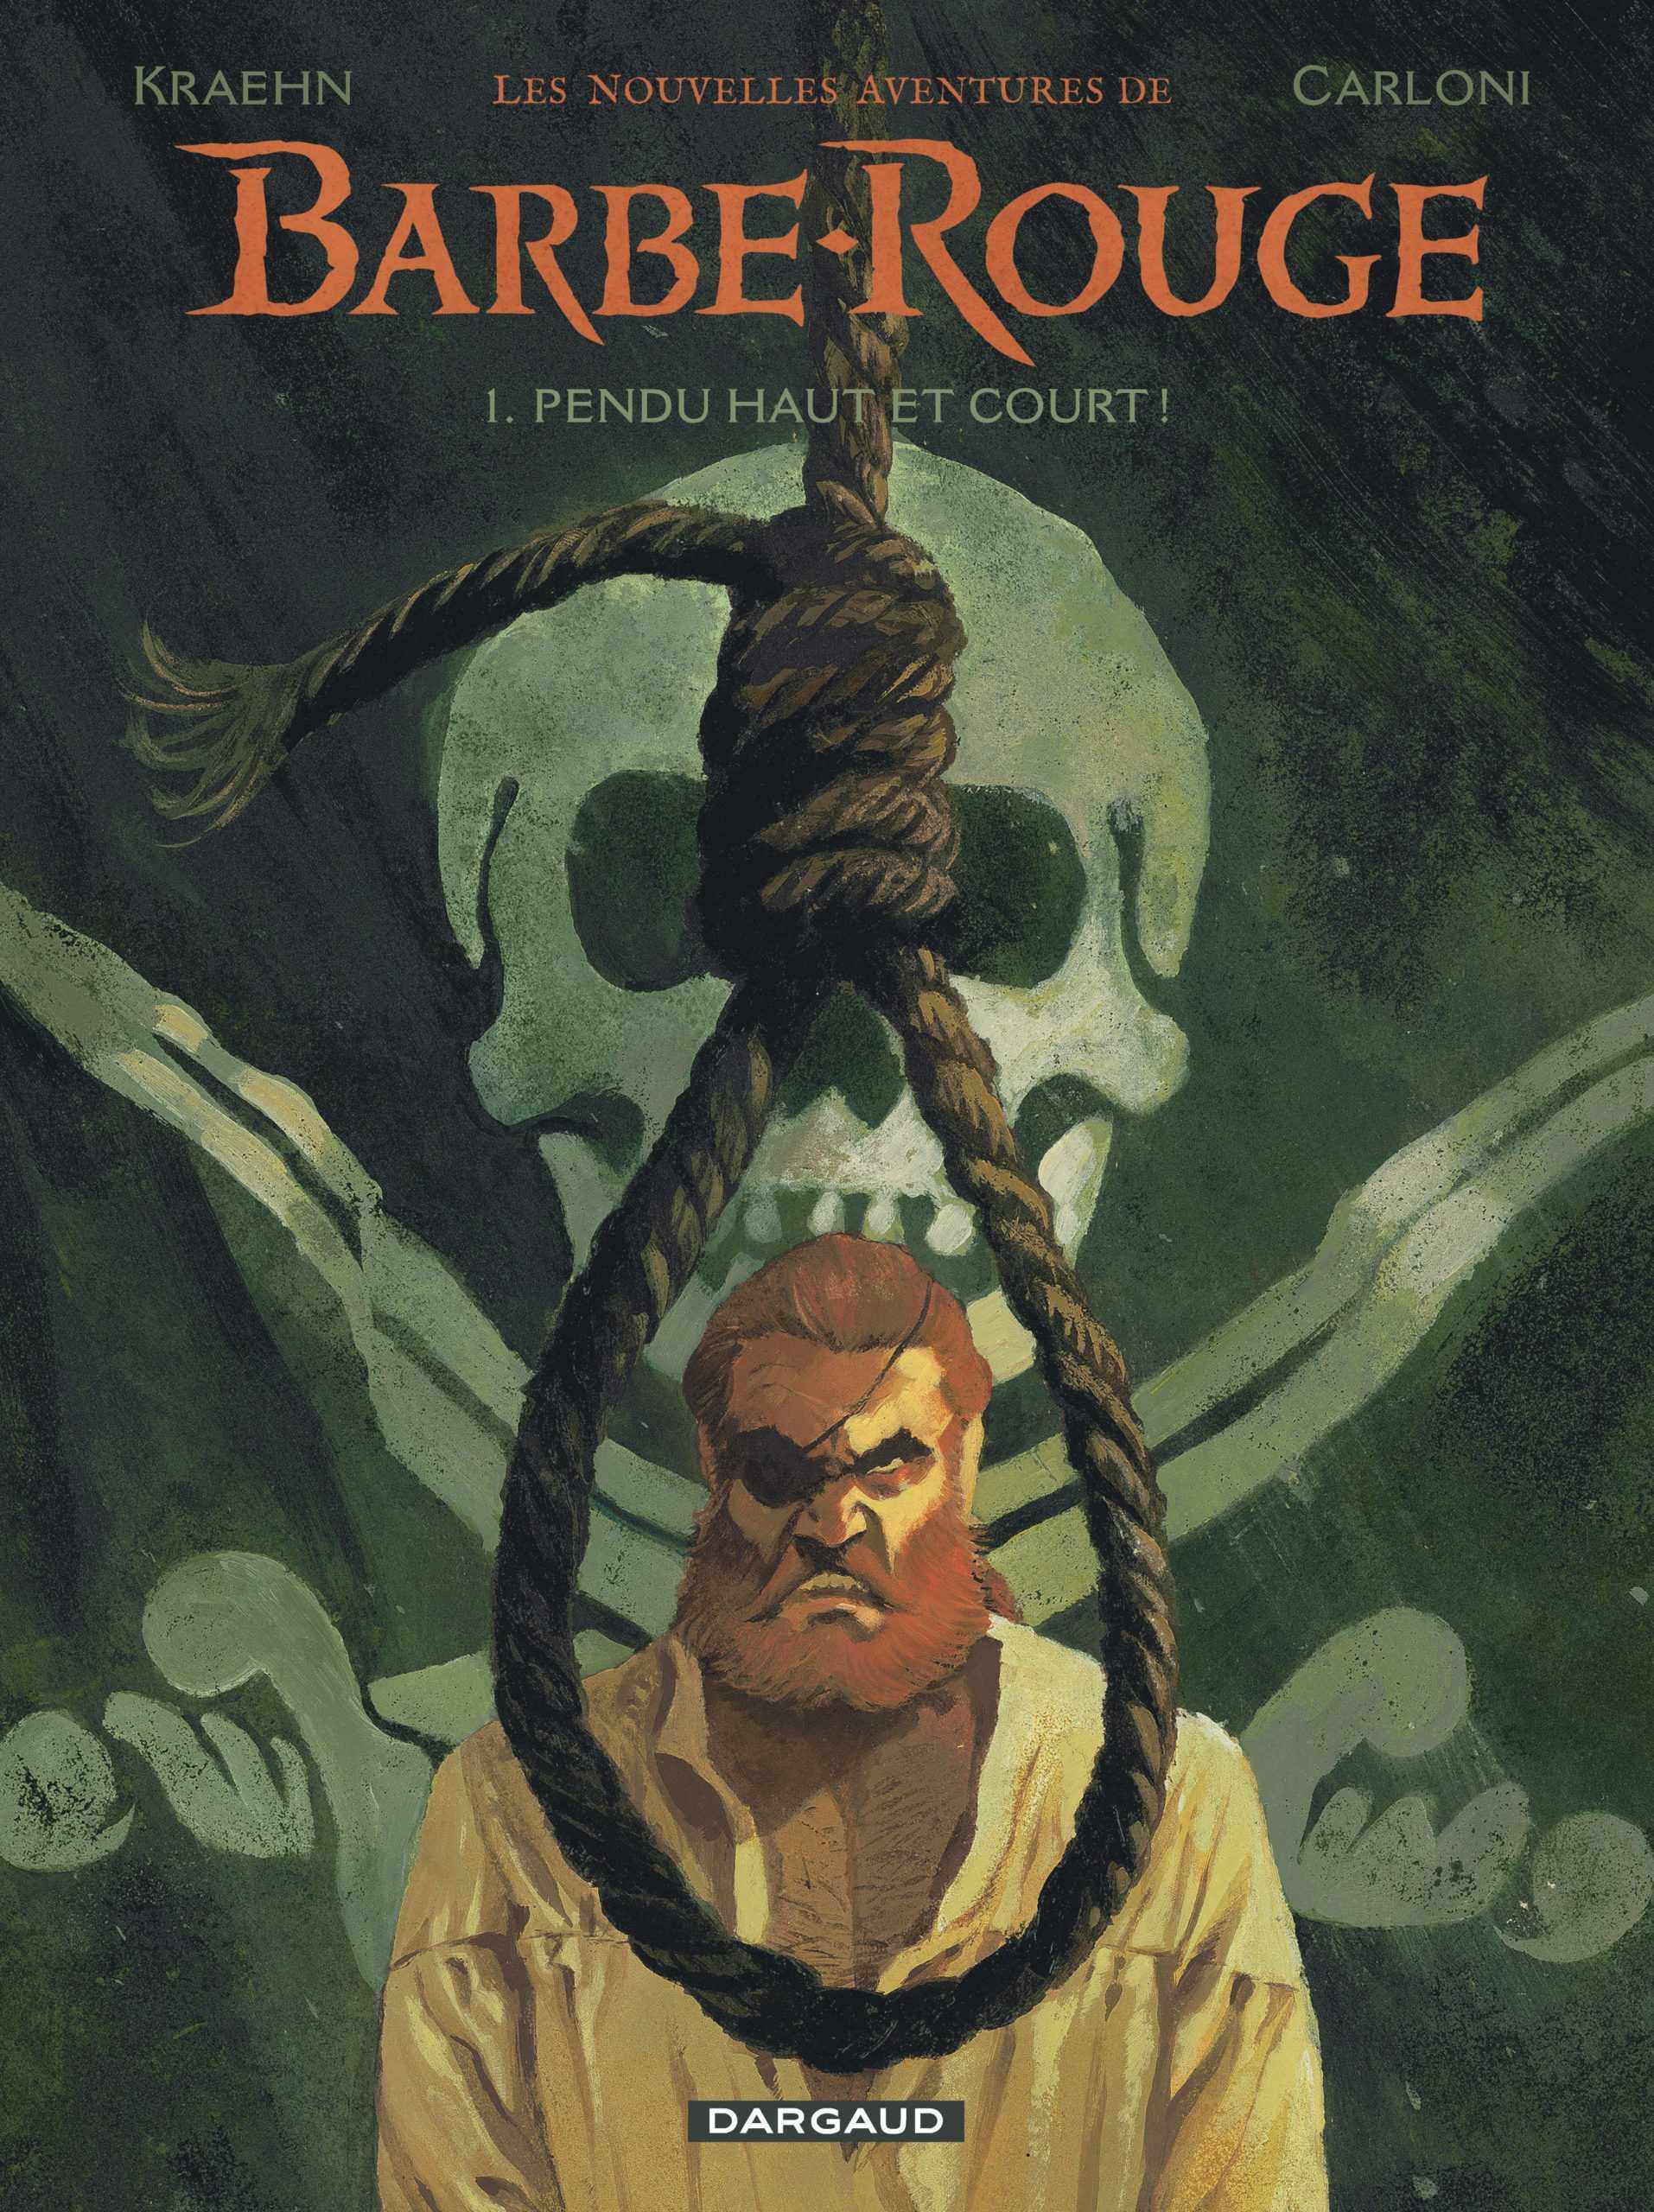 Les Nouvelles aventures de Barbe-Rouge, c'est la mer qui reprend le pirate avec Kraehn